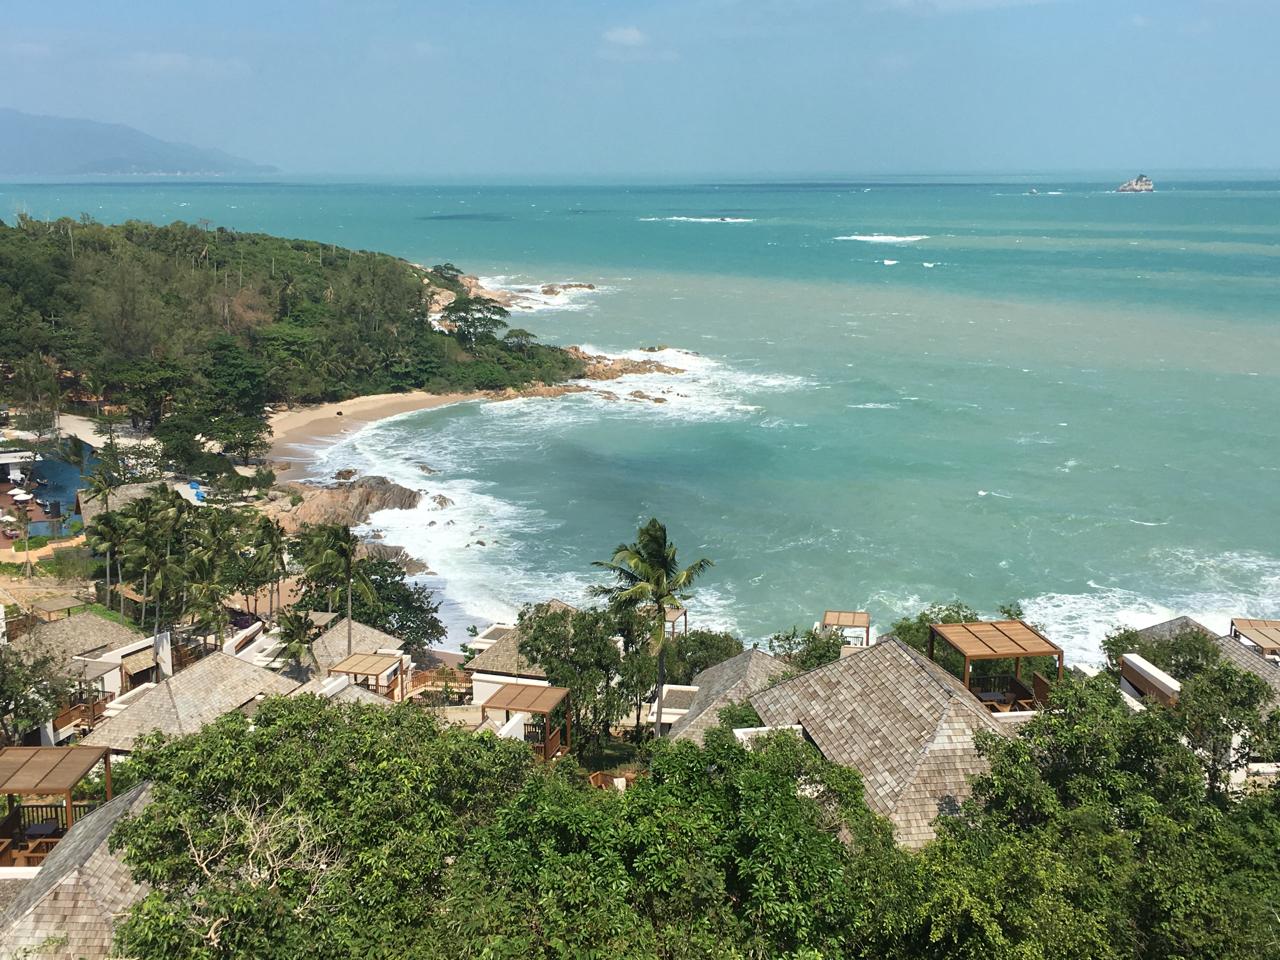 泰國蘇美島住宿|Ritz-Carlton度假村最完整體驗心得